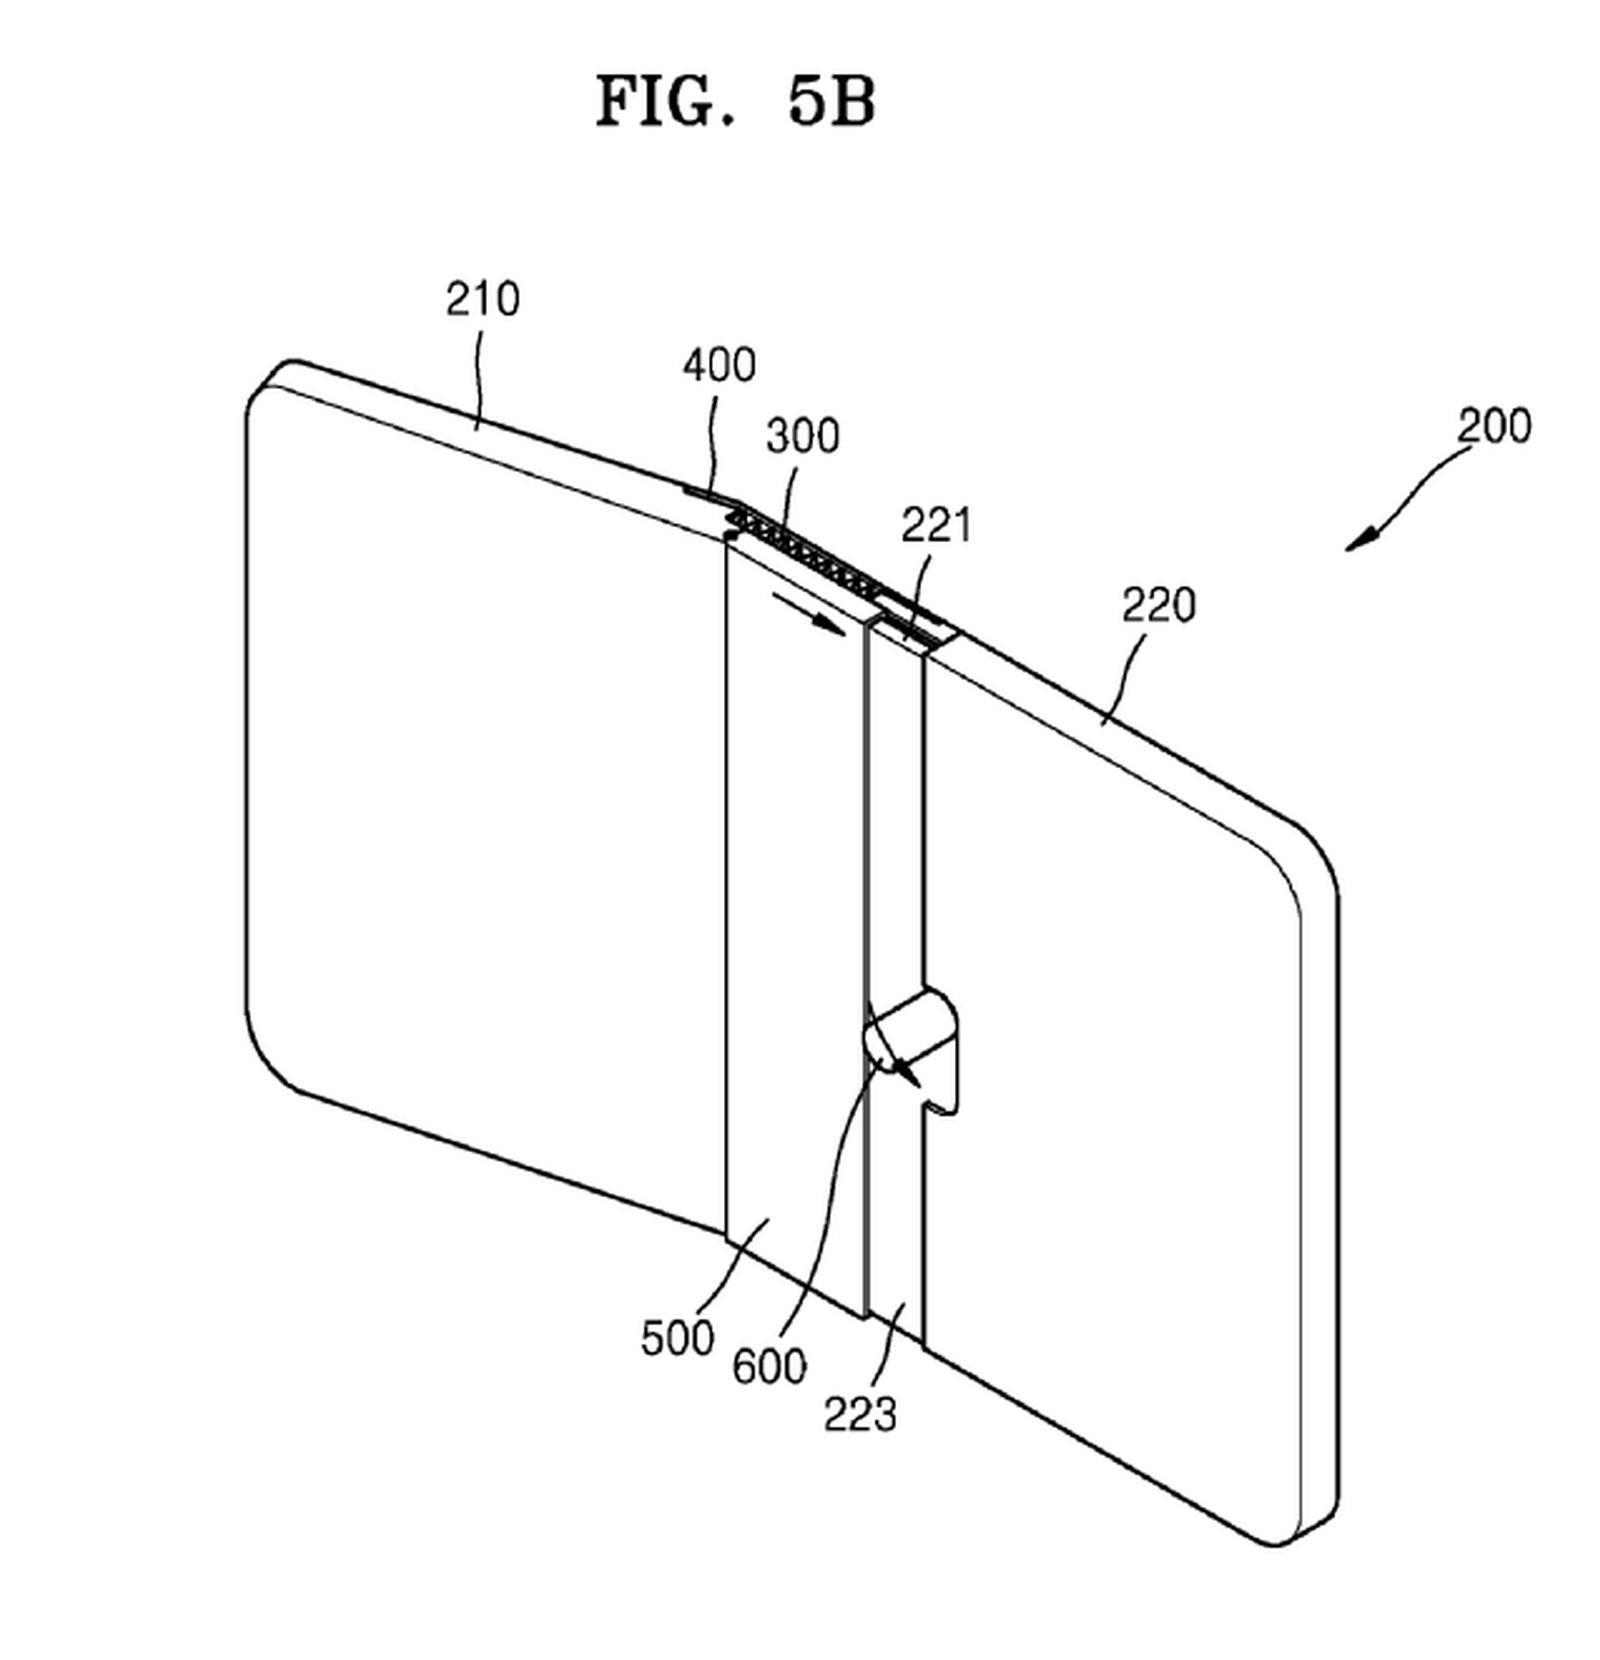 Patente revela ideias da Samsung para mais smartphones dobráveis